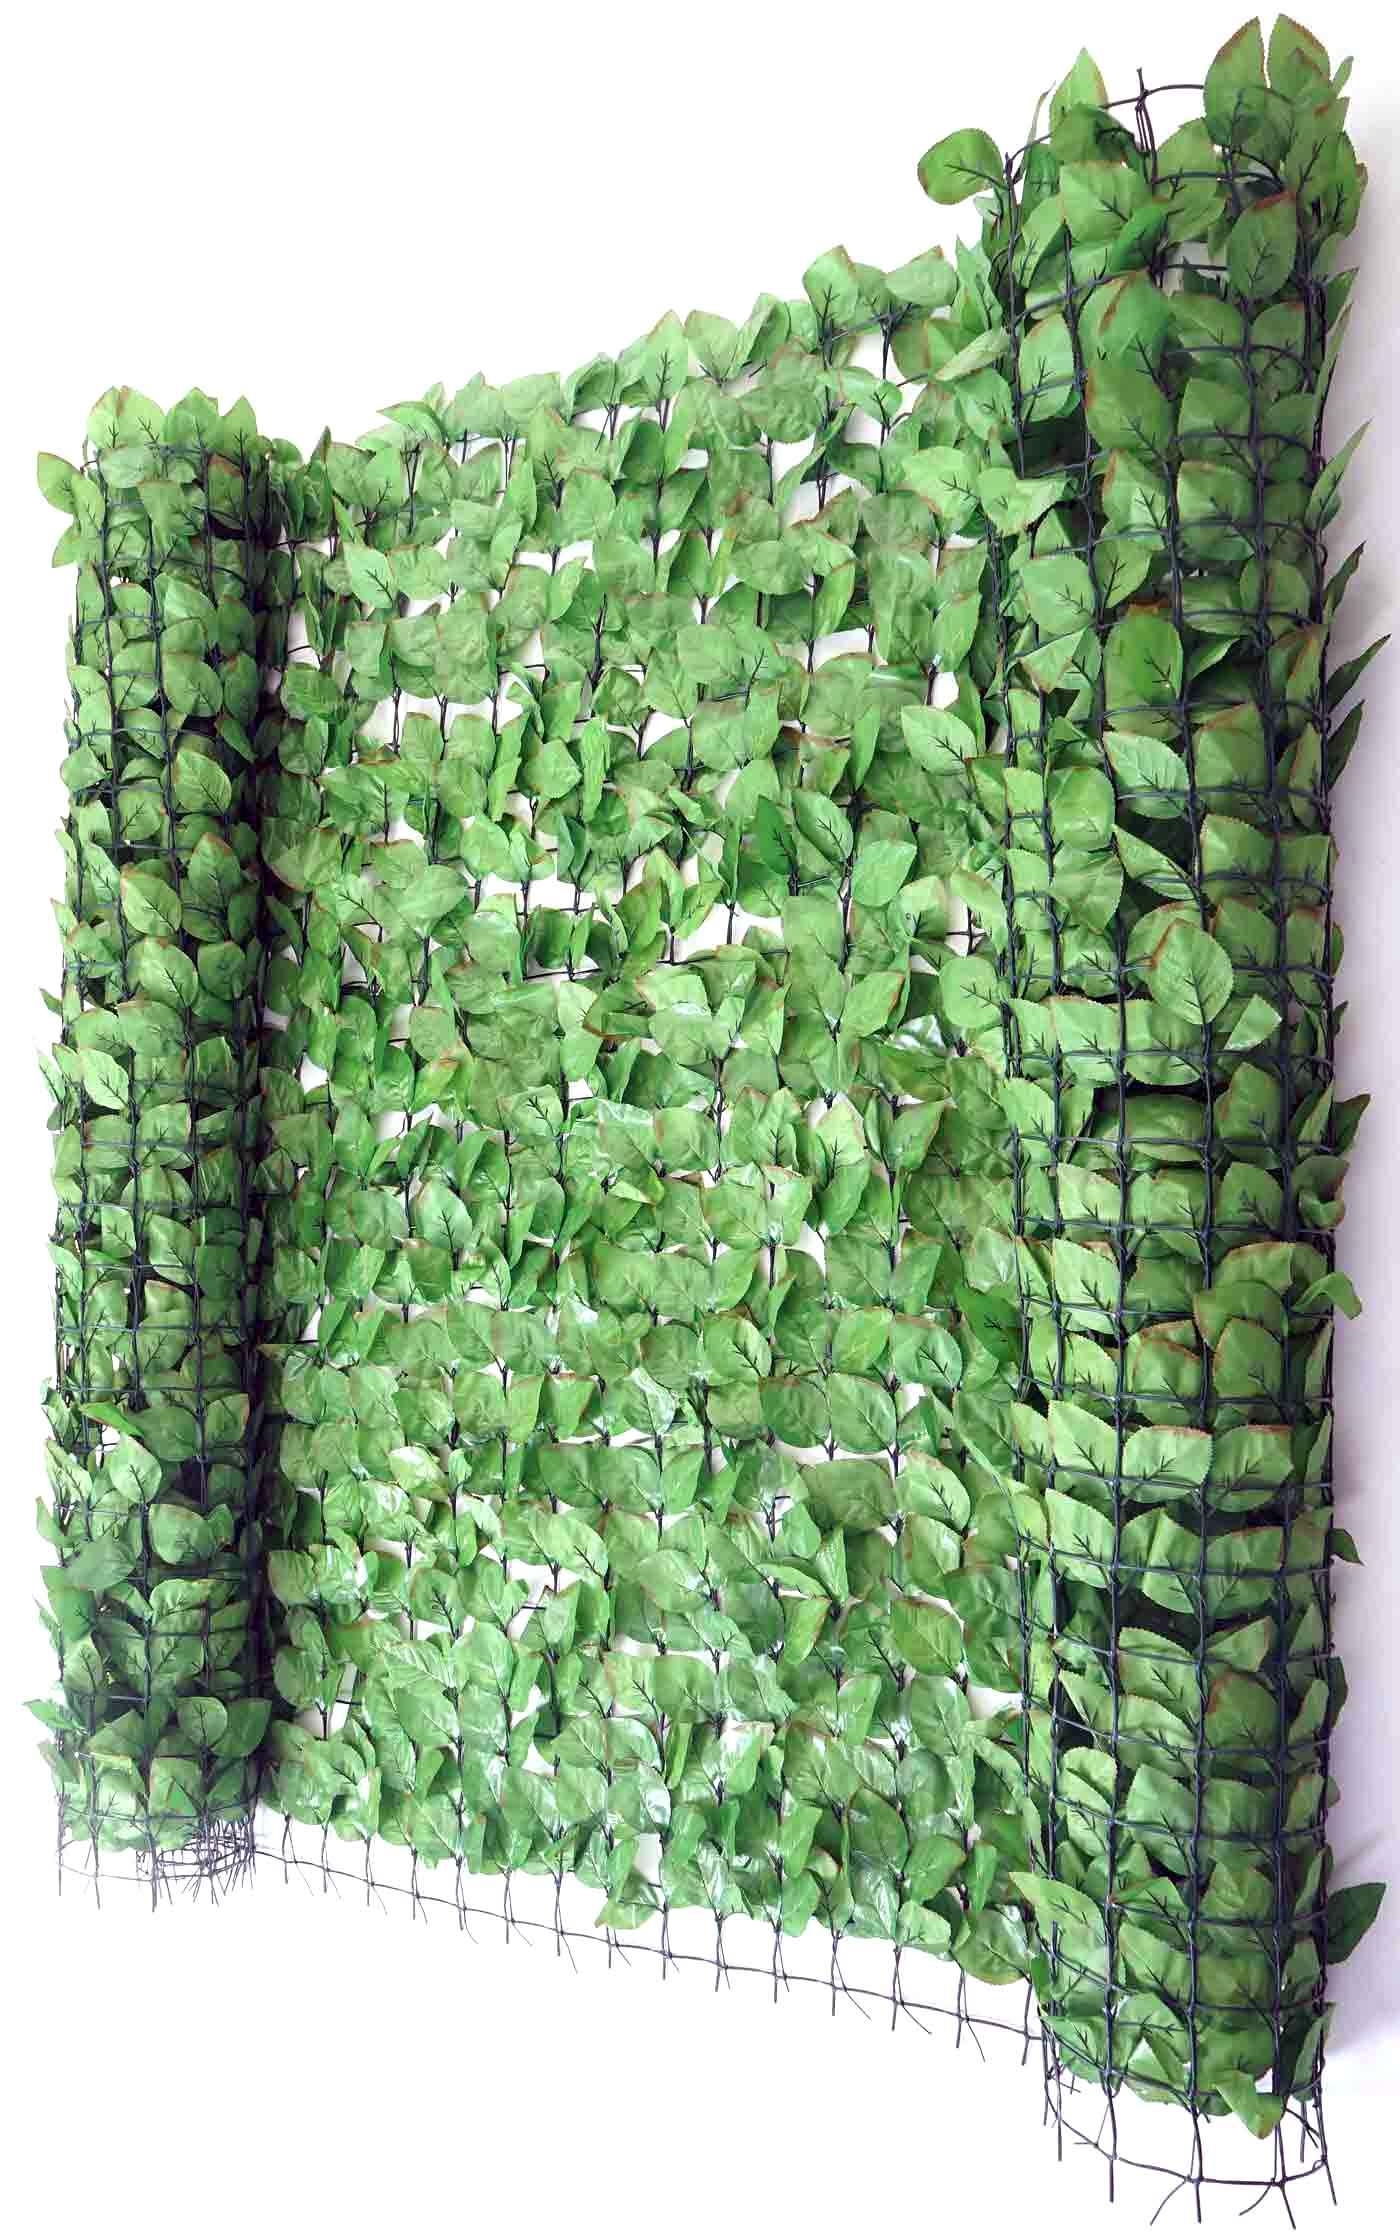 balkonsichtschutz buchenhecke windschutz verkleidung f r terrasse zaun 300x150cm. Black Bedroom Furniture Sets. Home Design Ideas